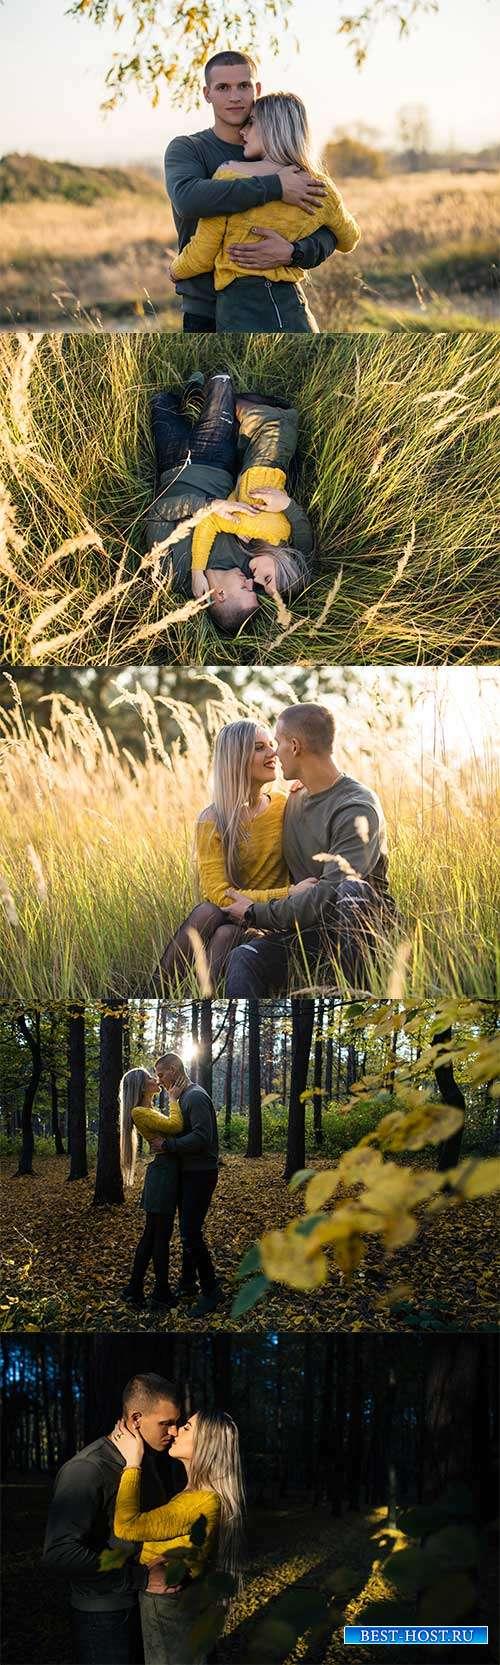 Девушка и юноша в осеннем лесу - Фотоклипарт